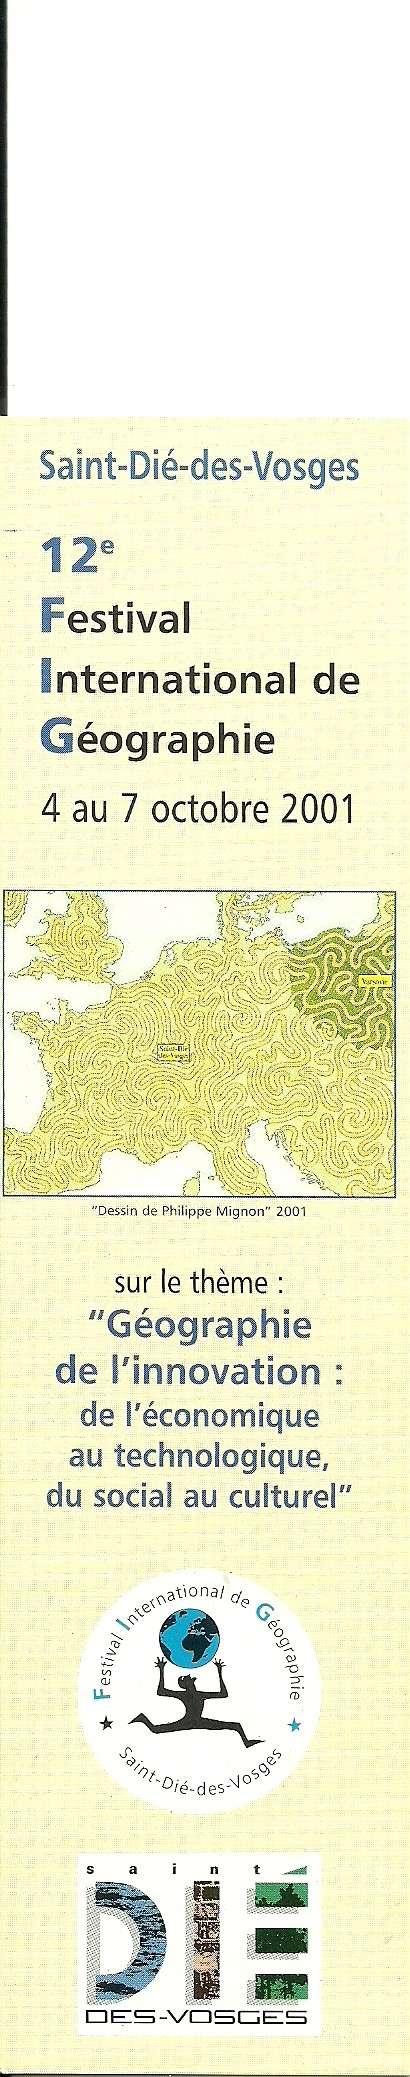 Doubles d'Alain Numar286